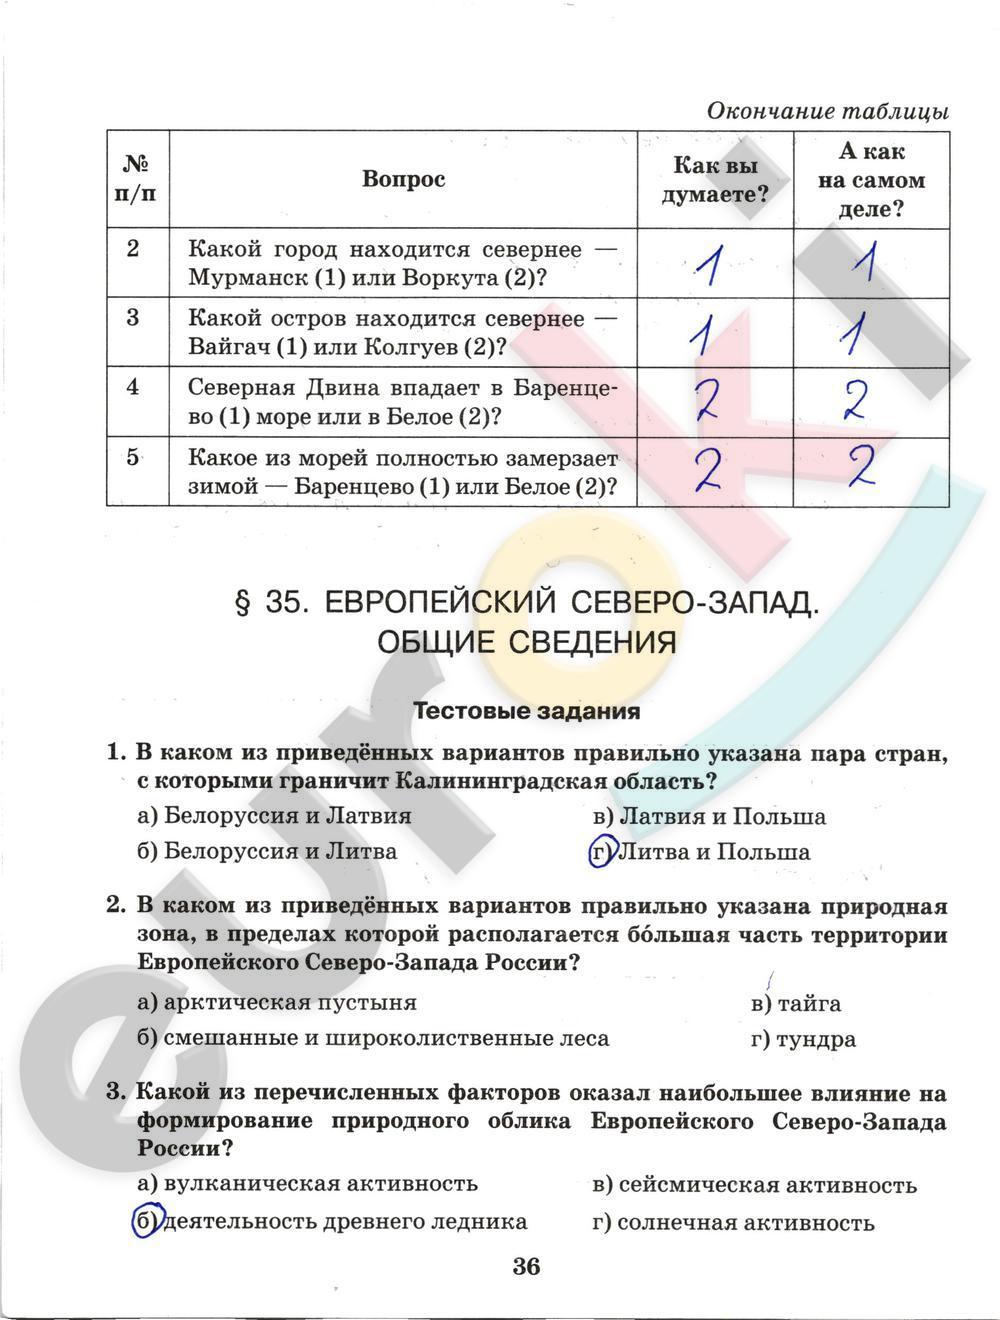 ГДЗ по географии 9 класс рабочая тетрадь Домогацких Часть 1, 2. Задание: стр. 36